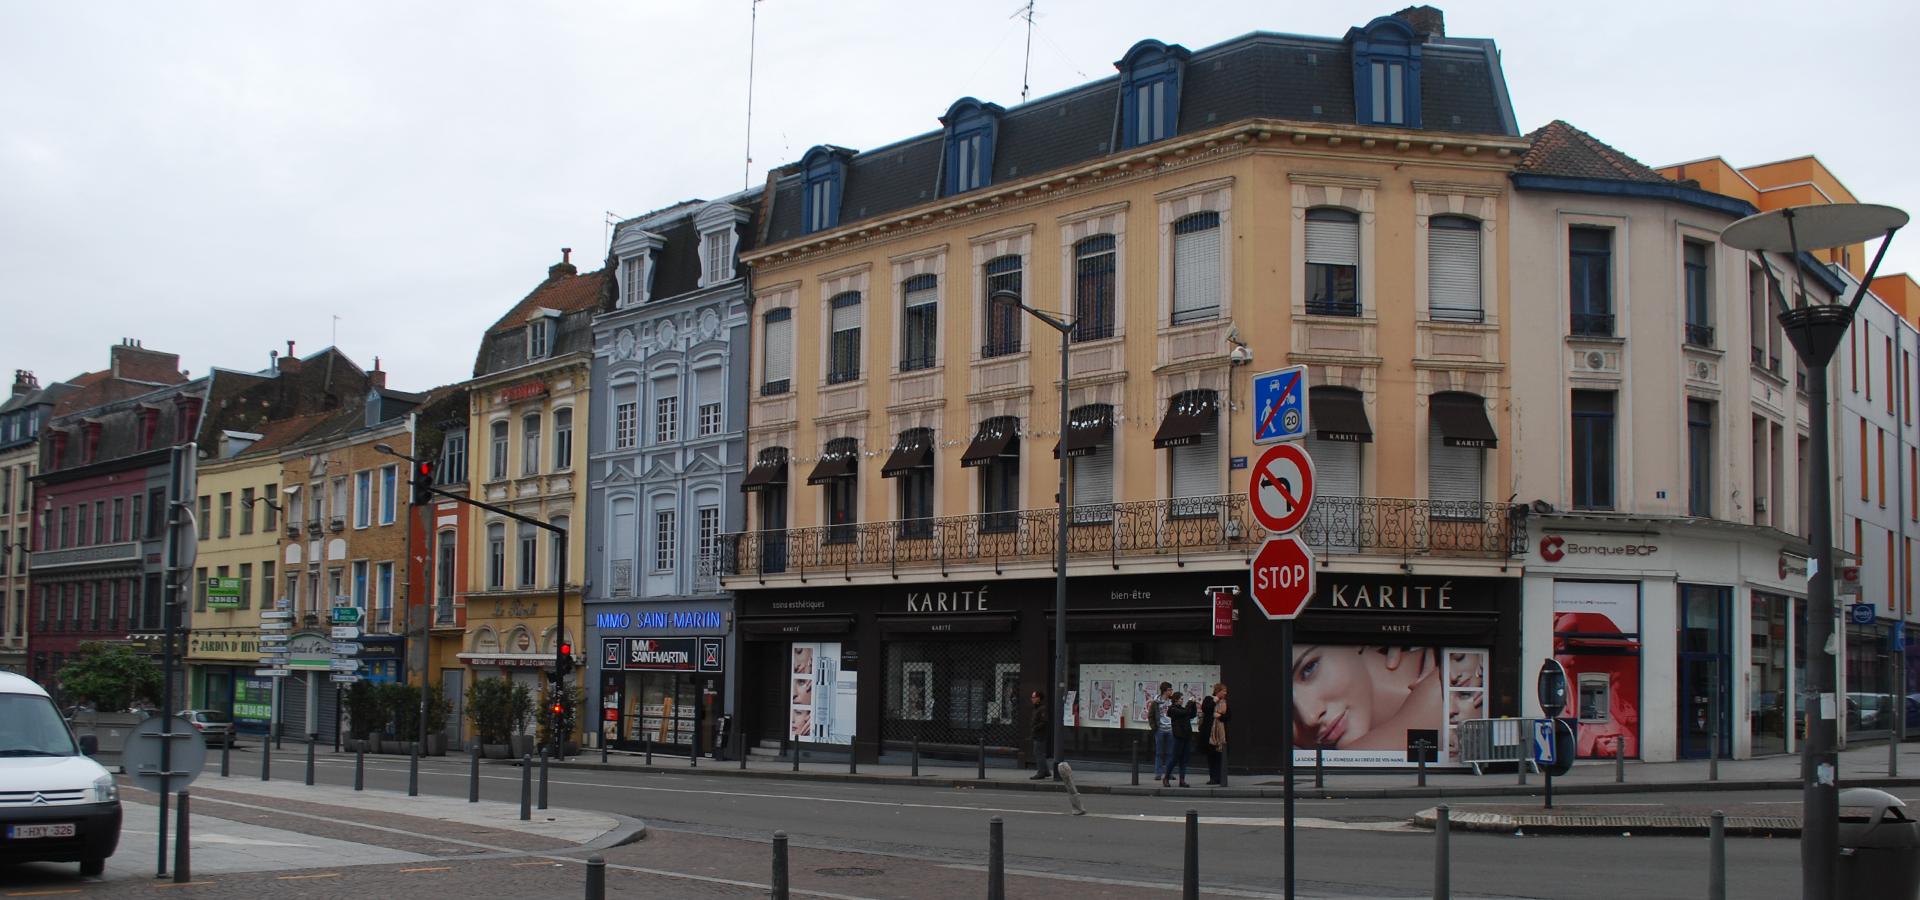 Peer-to-peer advisory in Roubaix, Département du Nord, Hauts-de-France, France